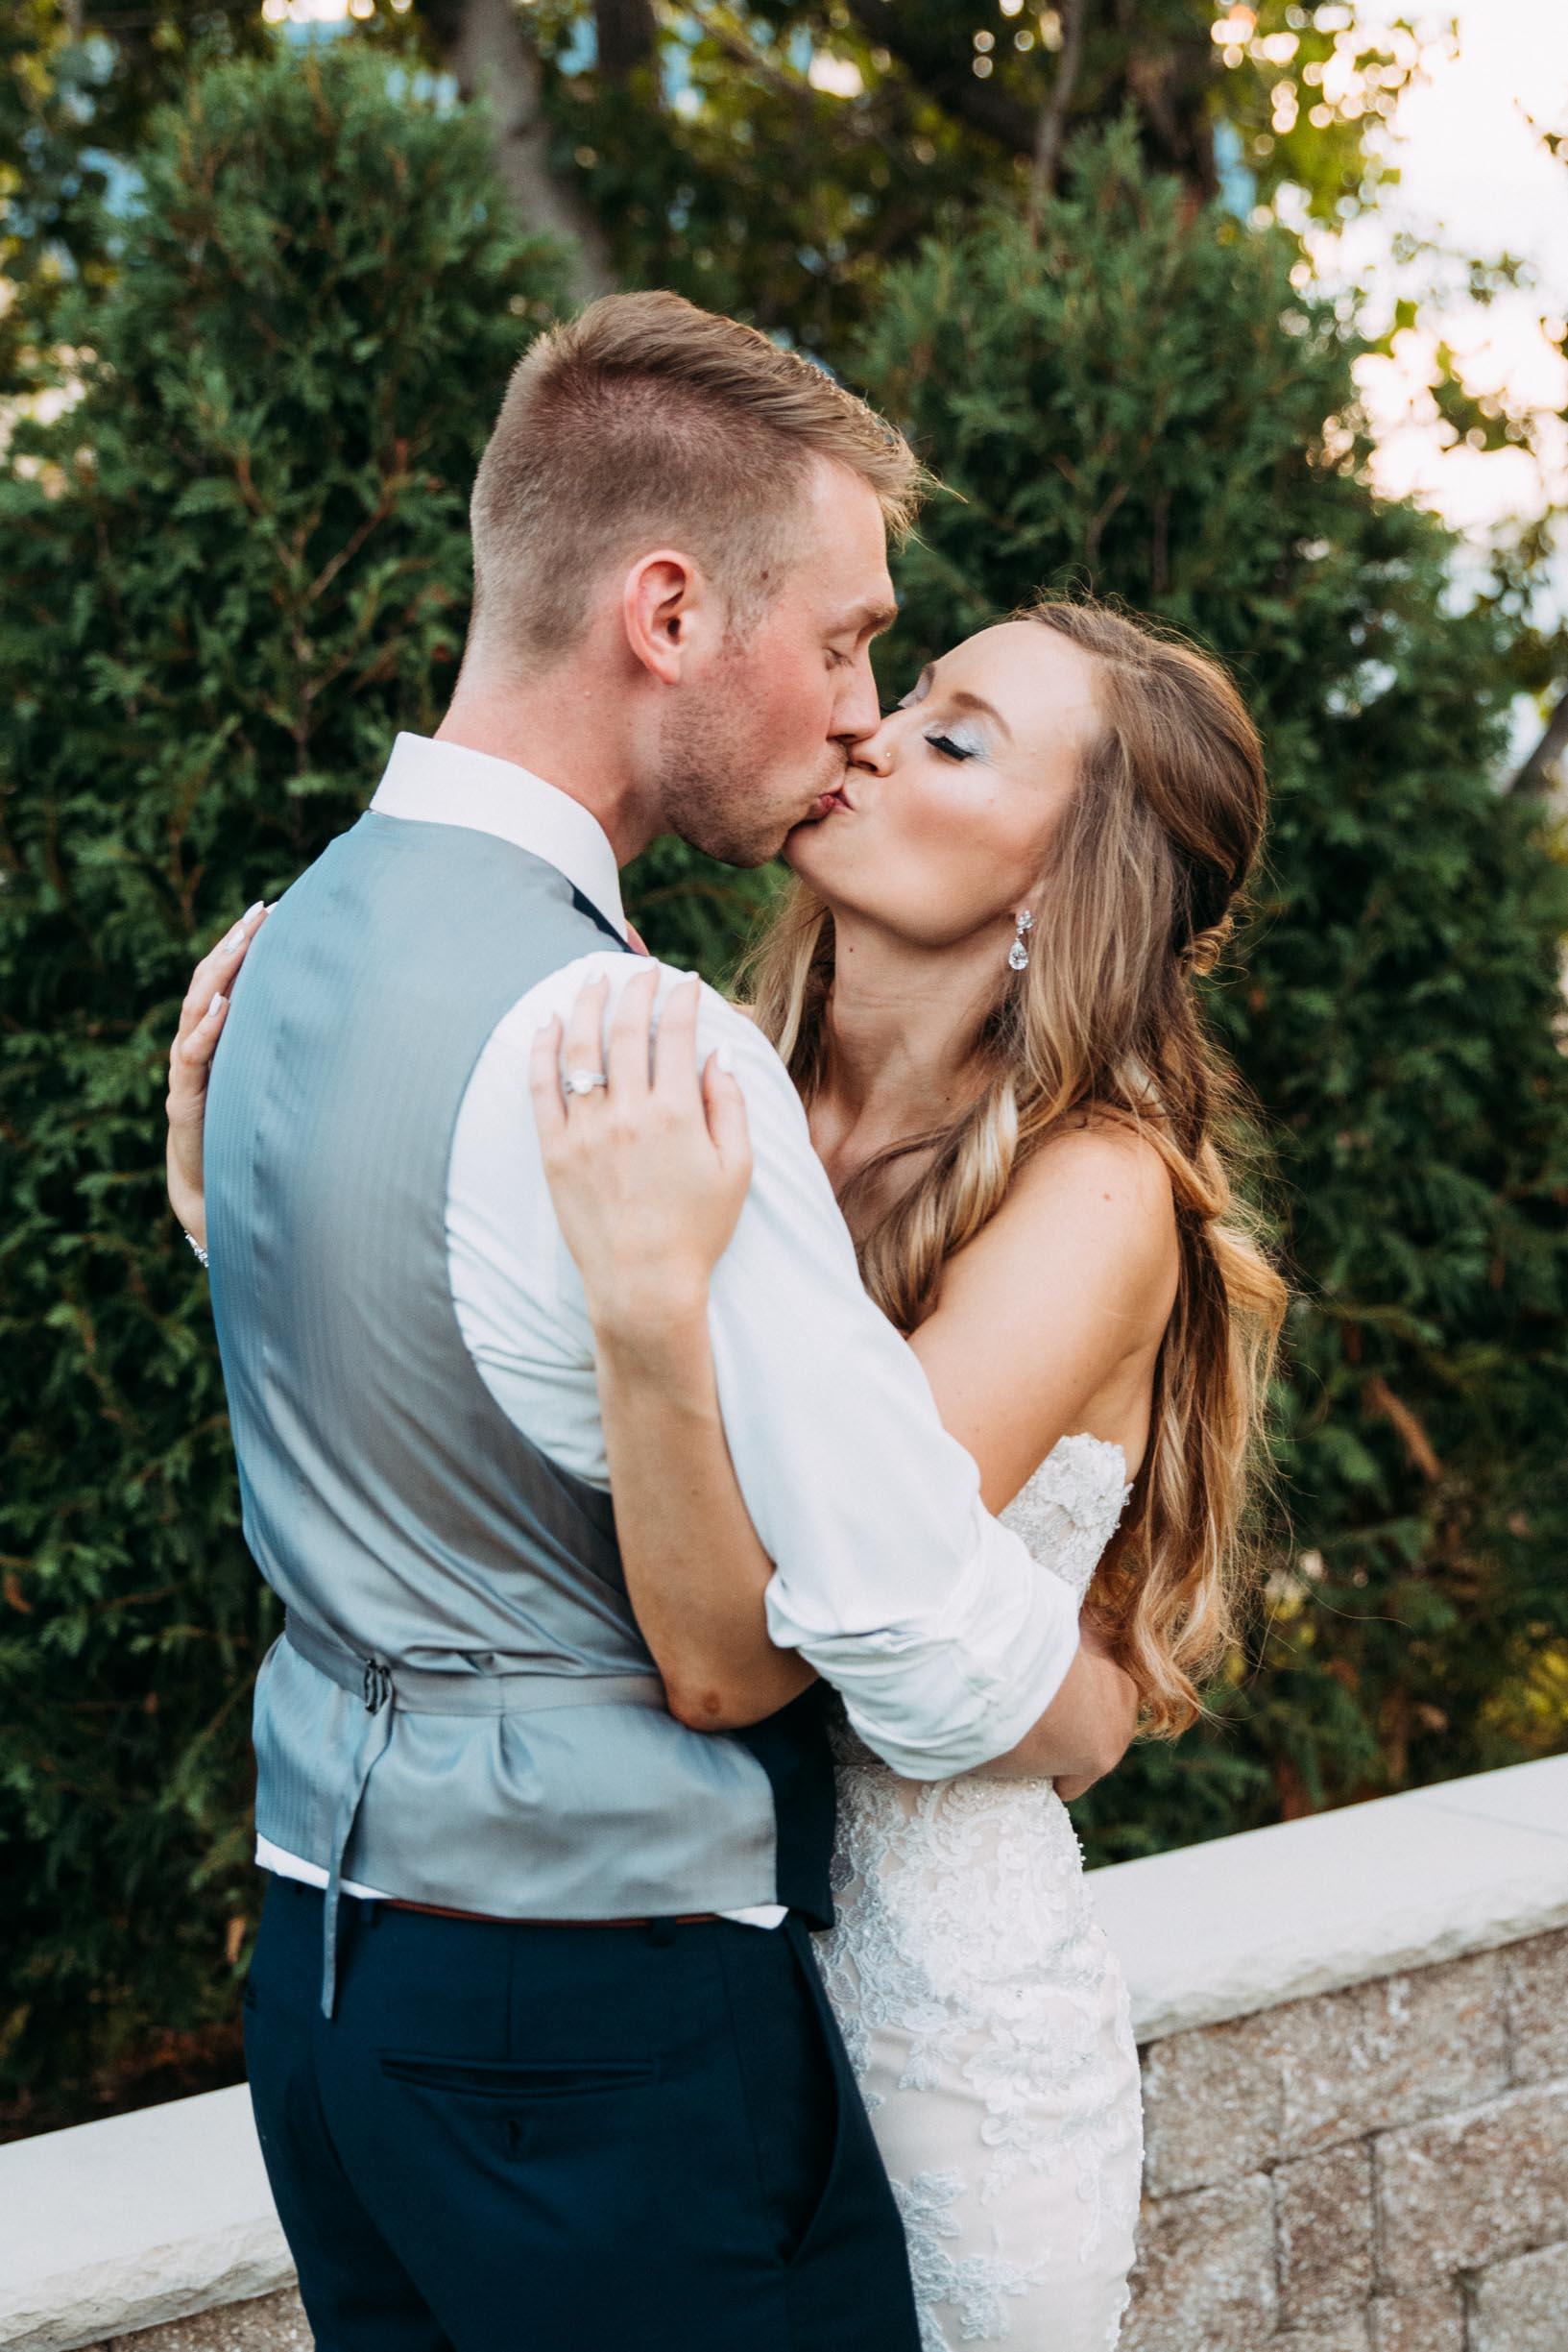 76-WeddingsattheBroz_Minnesota_WeddingBlog_GoldenHour.jpg